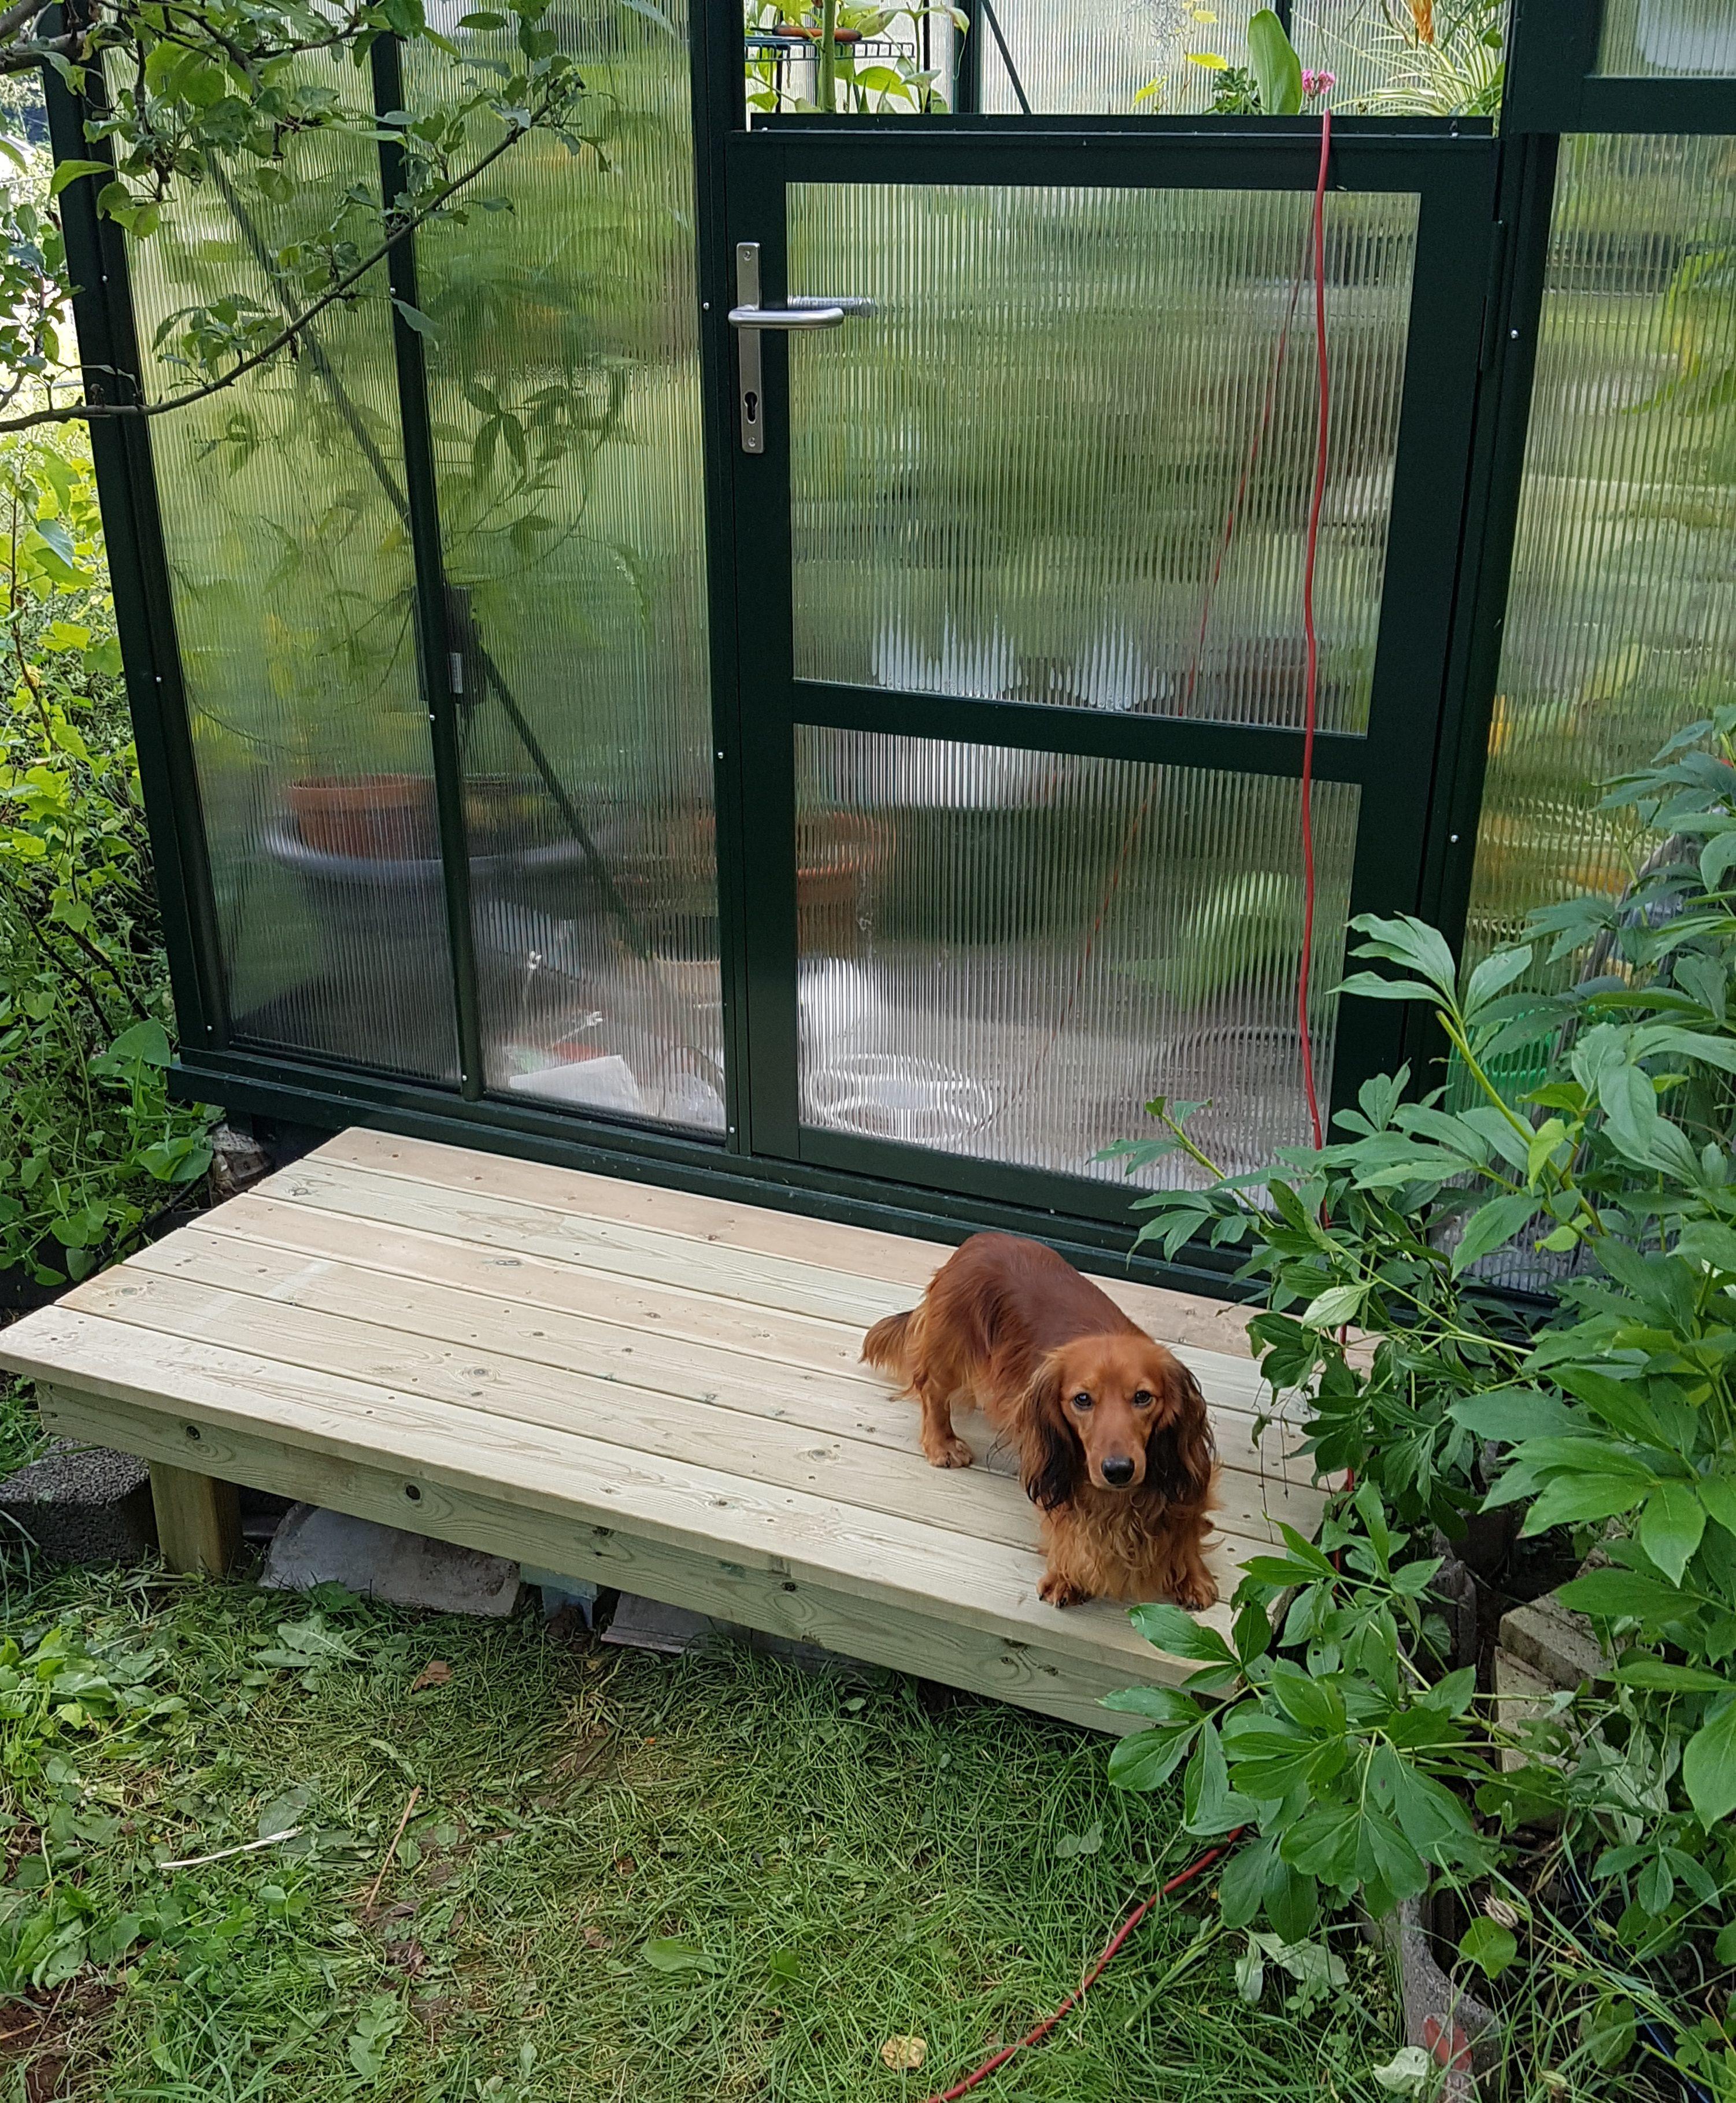 Da har drivhuset fått seg en ørliten terrasse eller trapp